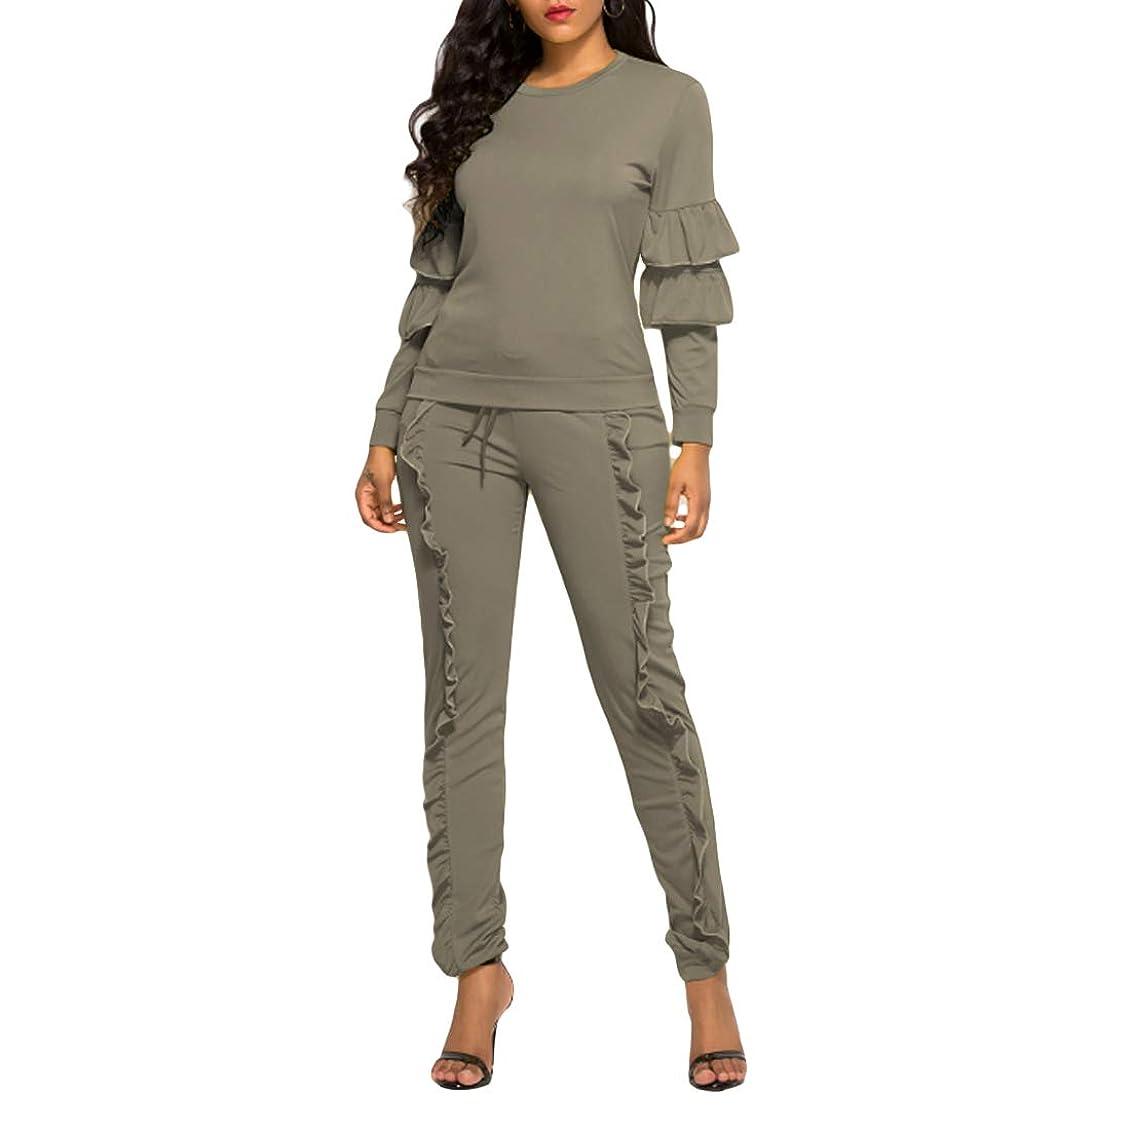 もちろん説明する事業女性 ツーピース 服装 フリルスリーブ スウェットシャツ ロングパンツ スポーツウェア